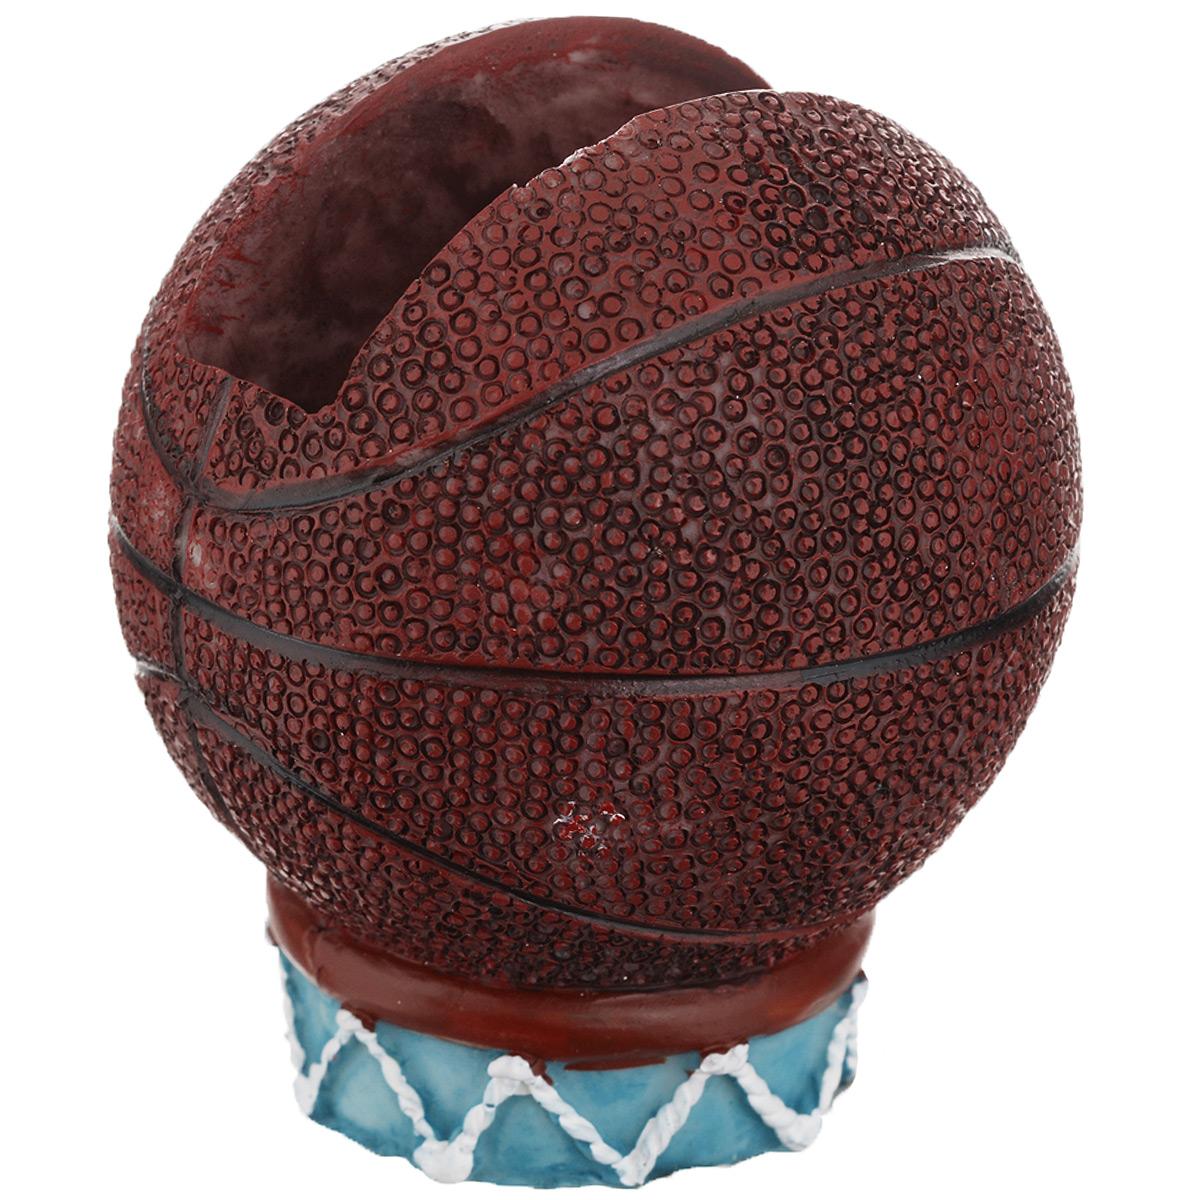 Подставка для мобильного телефона Феникс-презент, цвет: коричневый, голубой. 2893928939Оригинально оформленная подставка для мобильного телефона Феникс-презент, изготовленная из полирезины, станет отличным украшением интерьера и подчеркнет его изысканность. Подставка выполнена в виде баскетбольного мяча на подставке в форме корзины с сеткой. Подставку можно использовать как держатель для визиток, мобильного телефона, PSP, бумаги для заметок. Подставка для телефона Феникс-презент оригинально украсит ваш интерьер и обратит на себя внимание окружающих. Декоративную подставку также можно преподнести в качестве оригинального подарка или сувенира.